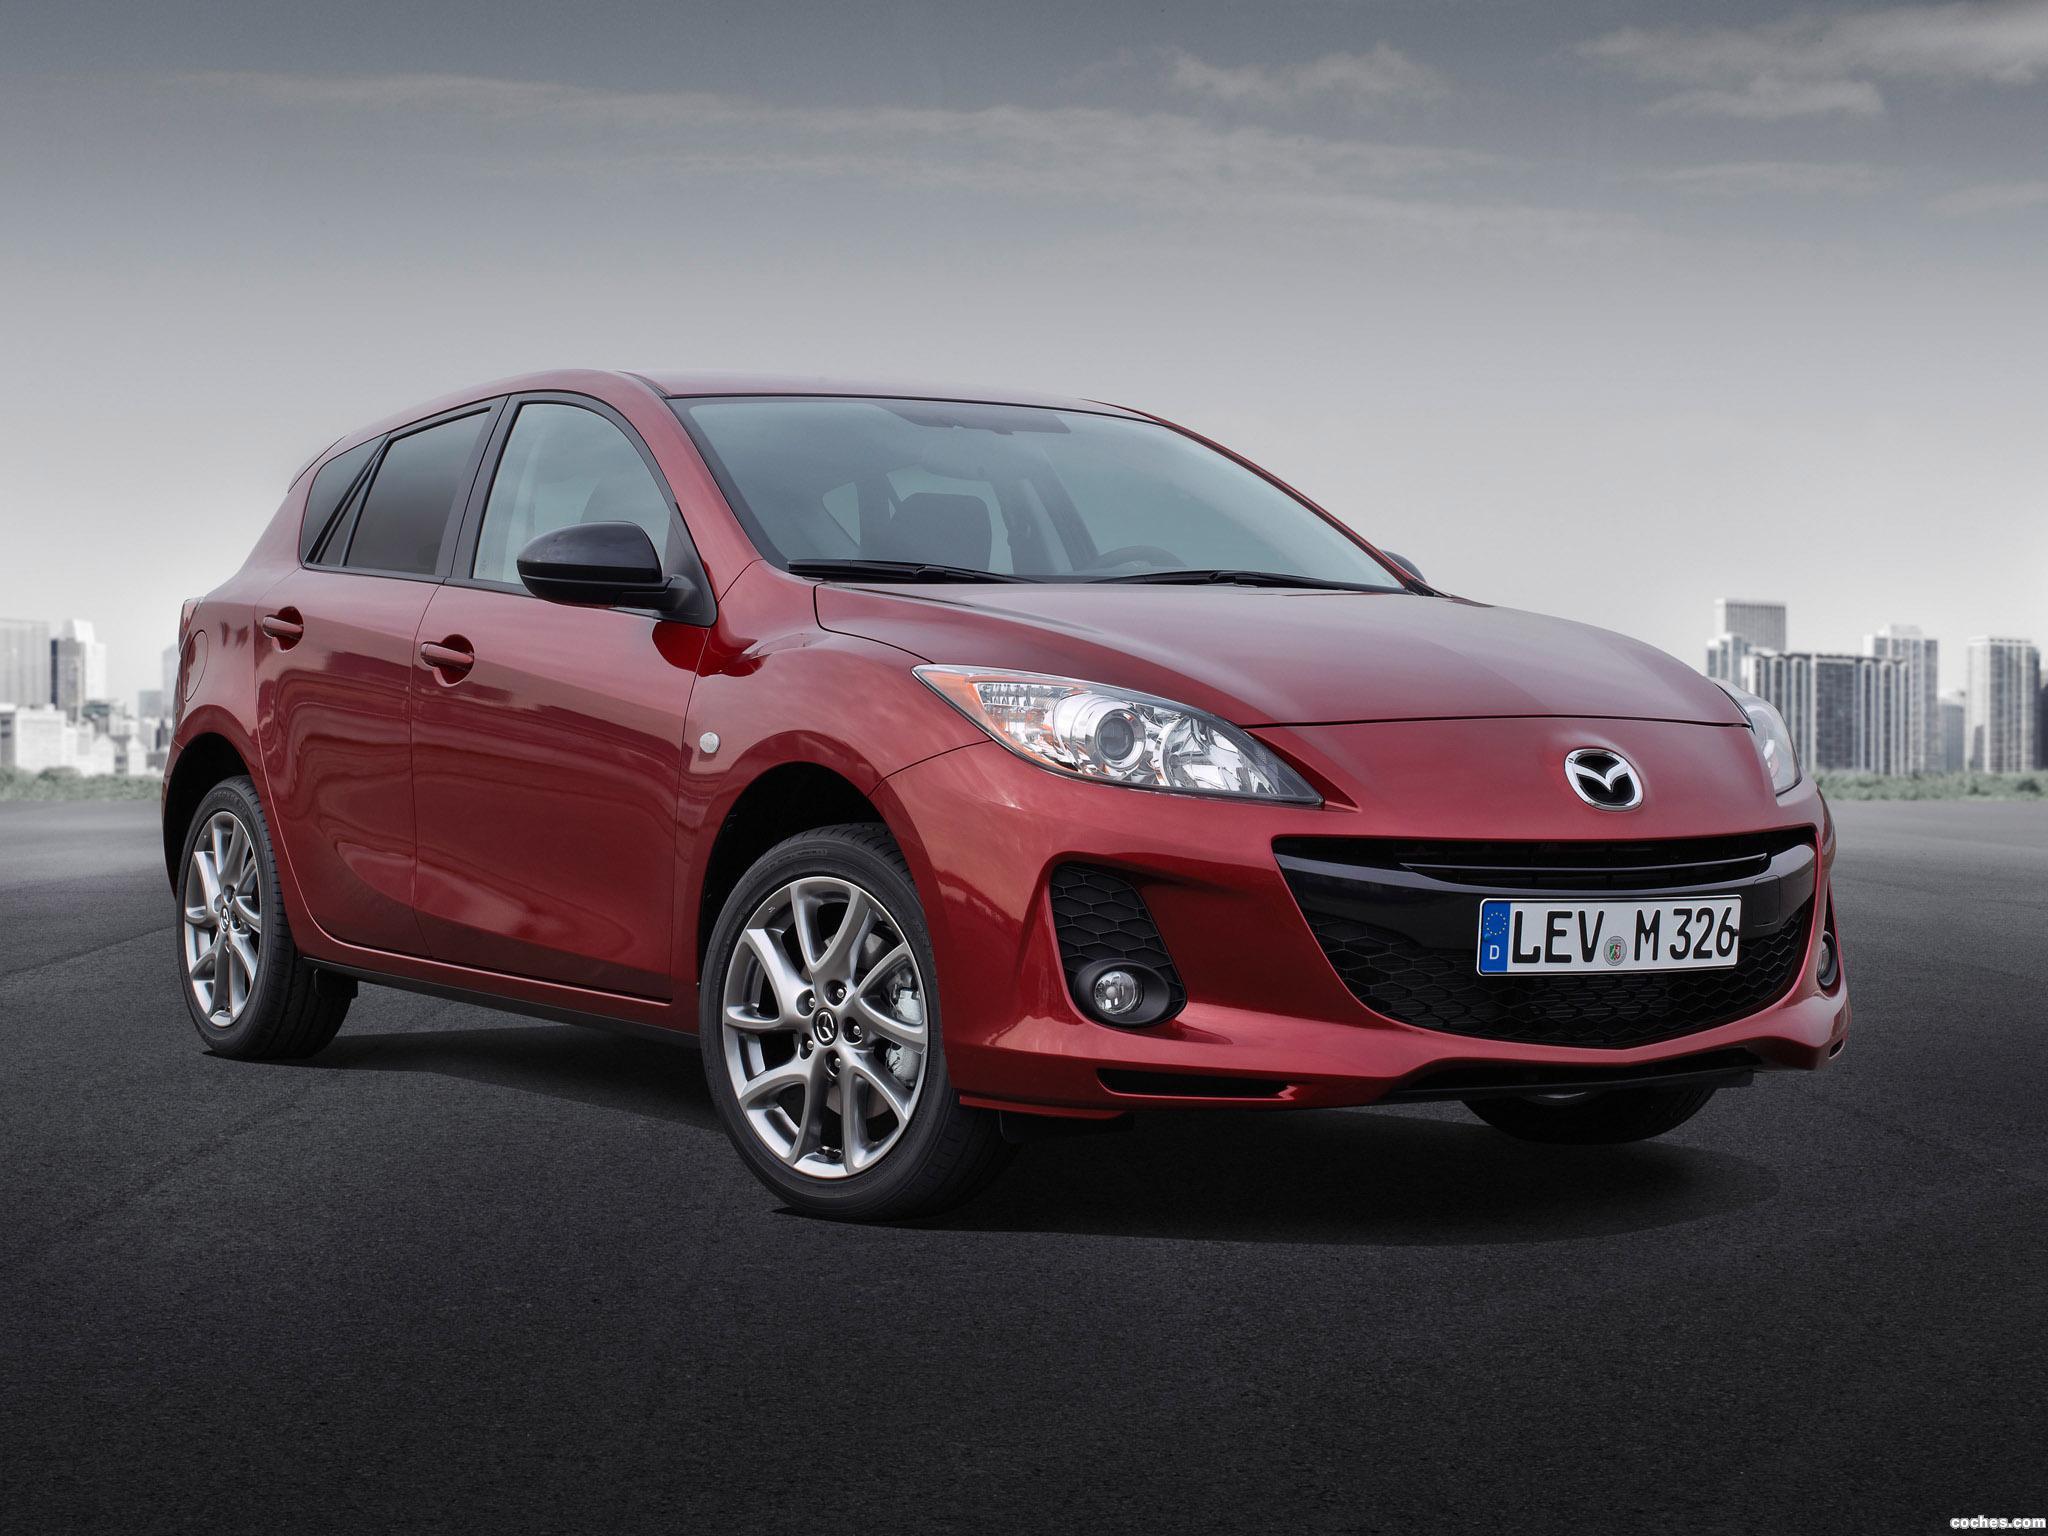 Foto 0 de Mazda 3 Hatchback Spring Edition 2013